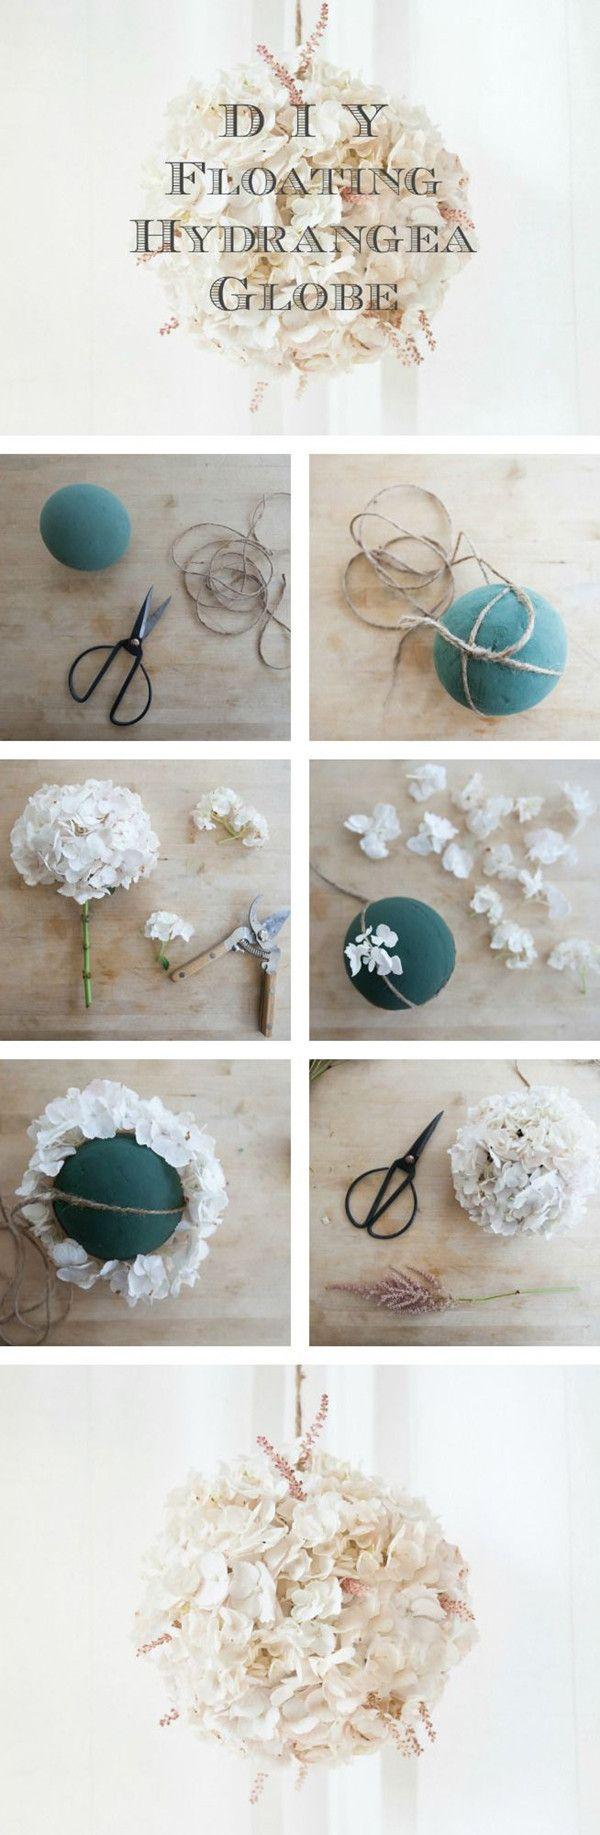 diy floating hydrangea globe for wedding decorations